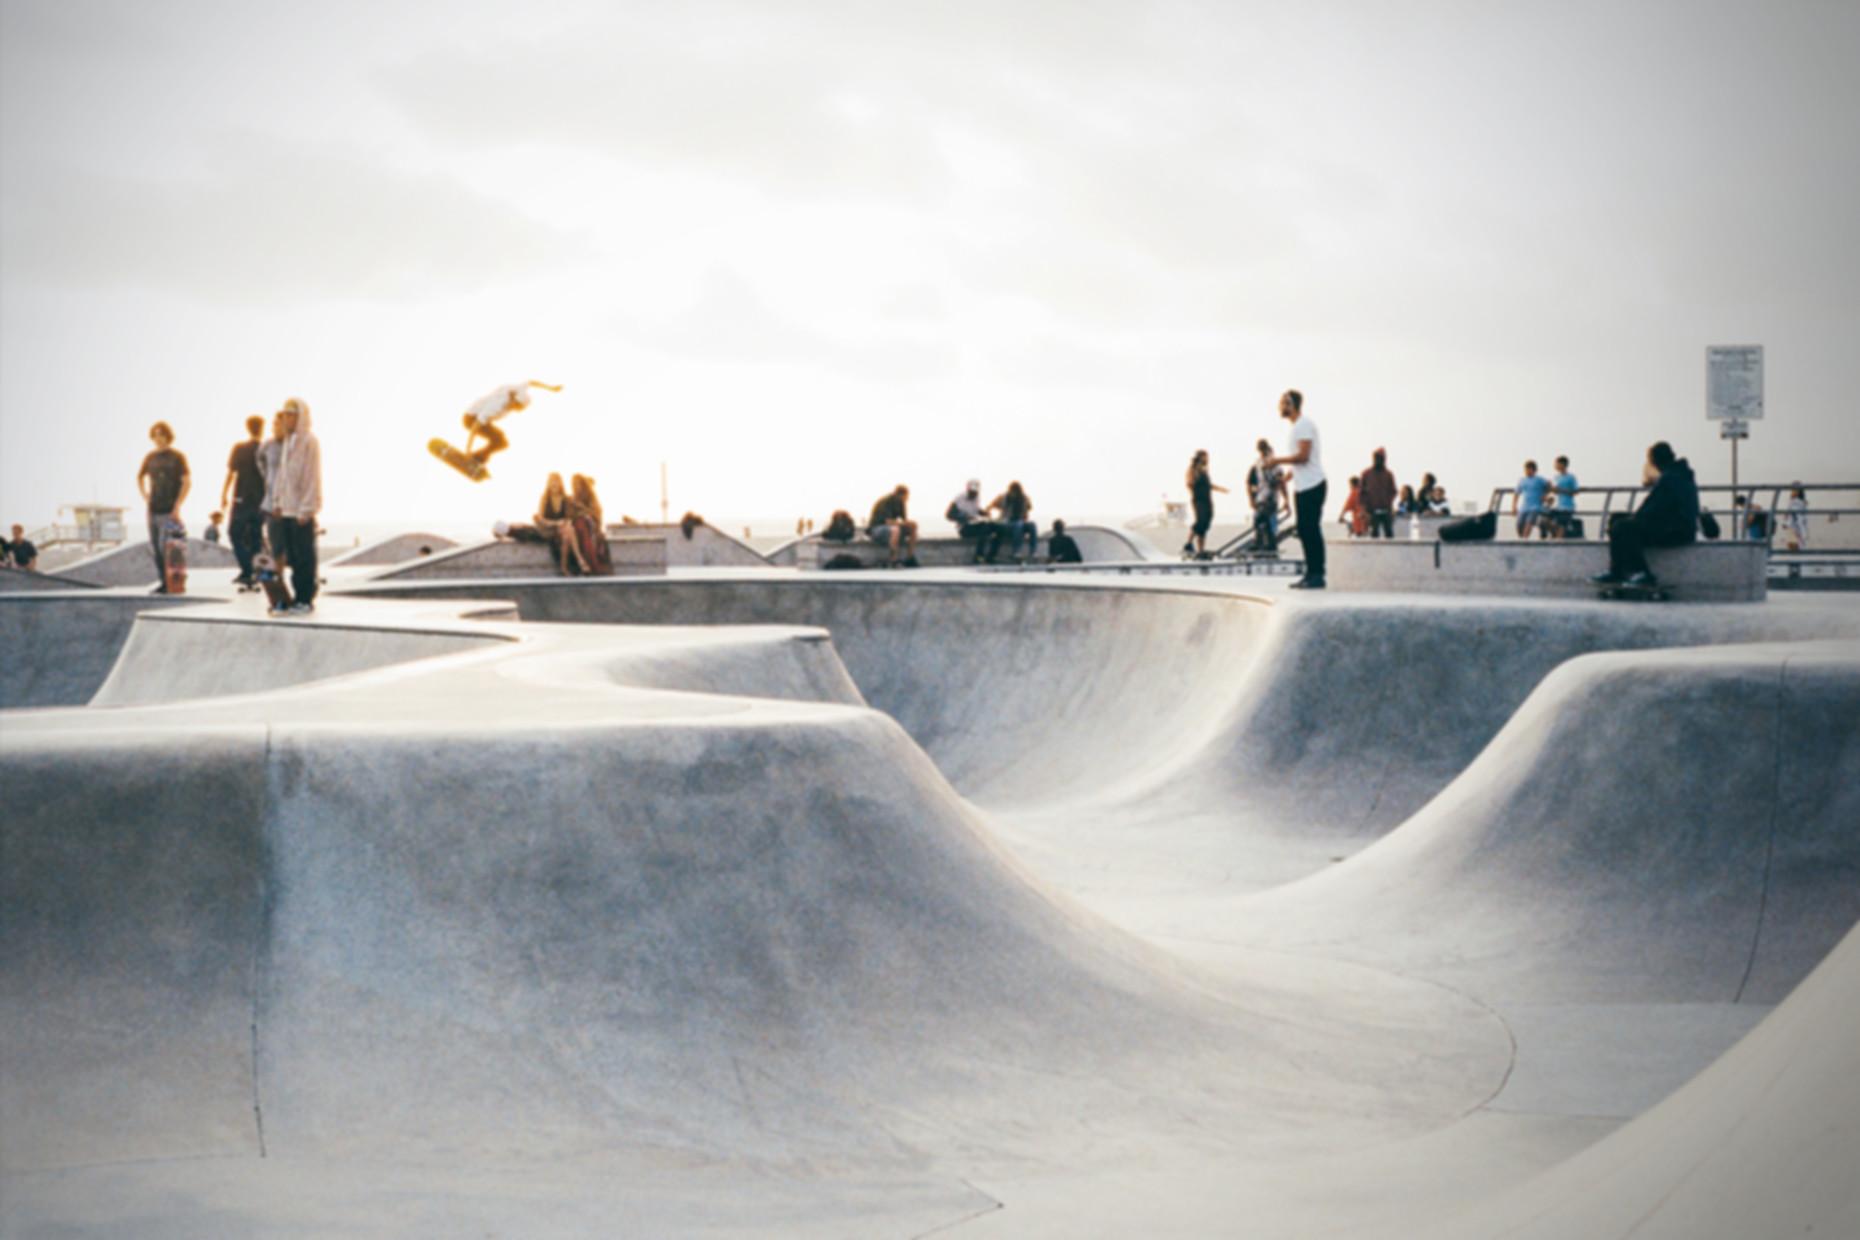 Urbano Skate Park